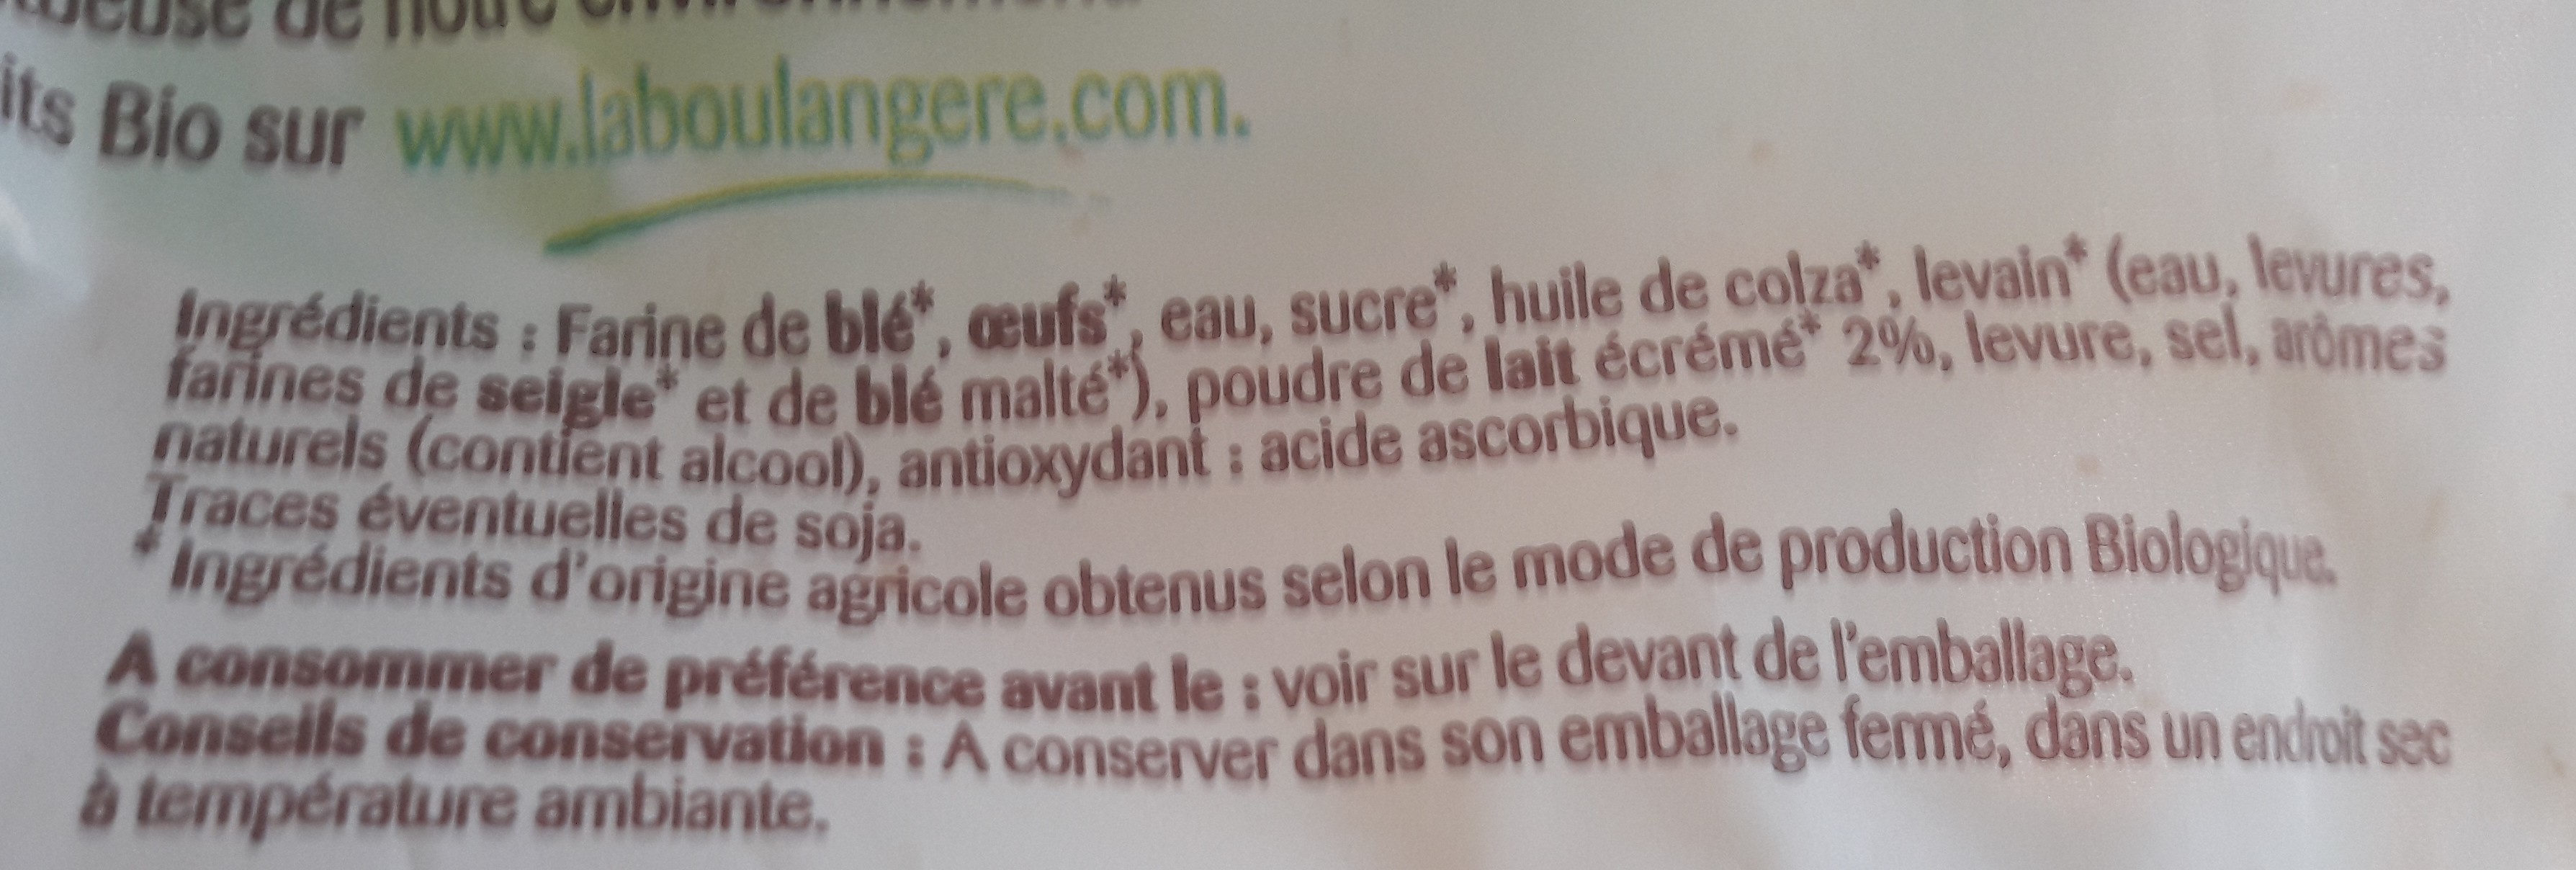 pain au lait Bio - Ingredients - fr